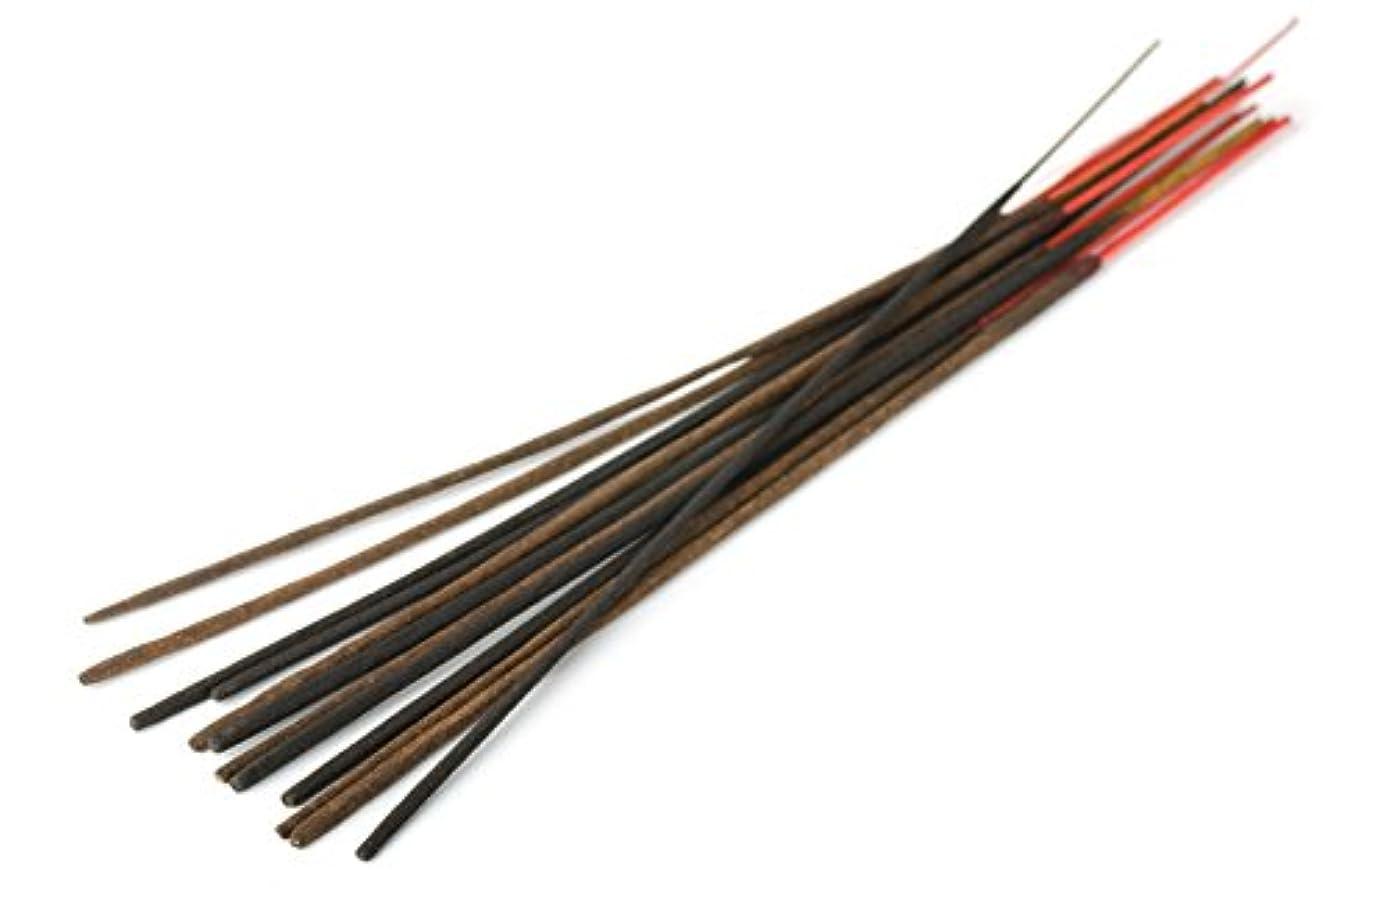 論理的副そばにプレミアムハンドメイドチョコレートチップクッキーIncense Stickバンドル – 90 to 100 Sticks Perバンドル – 各スティックは11.5インチ、には滑らかなクリーンBurn